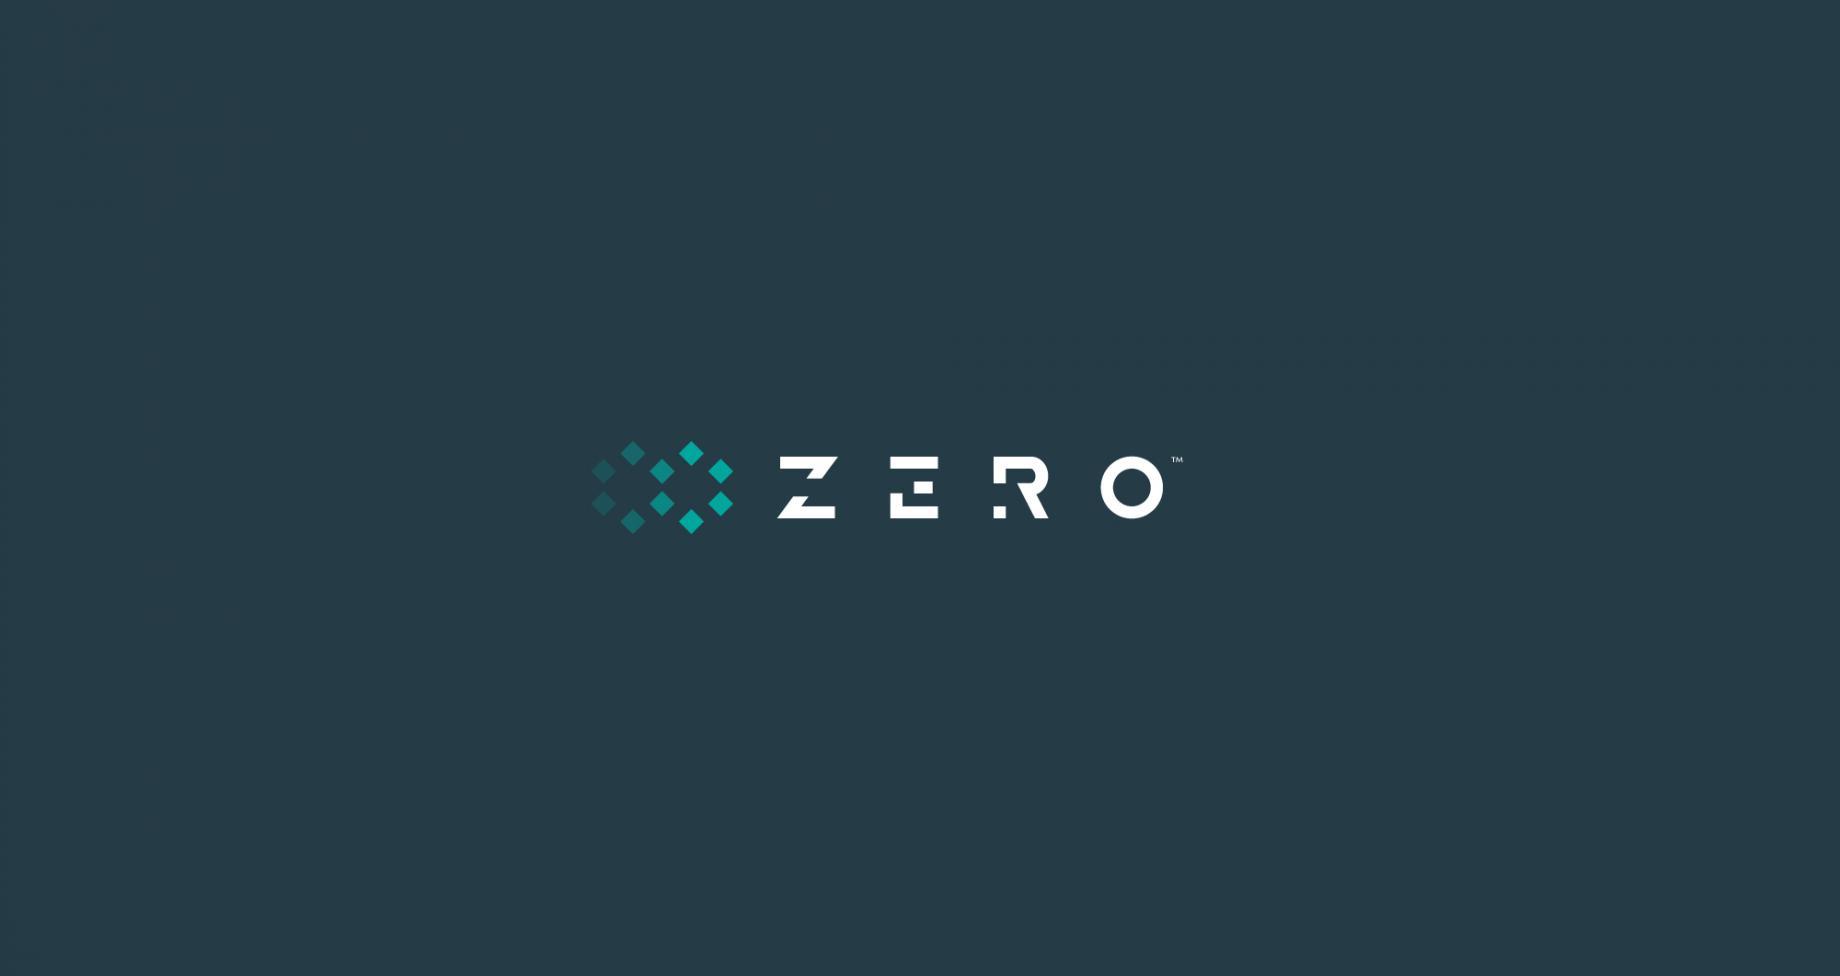 ZeroTM Hero